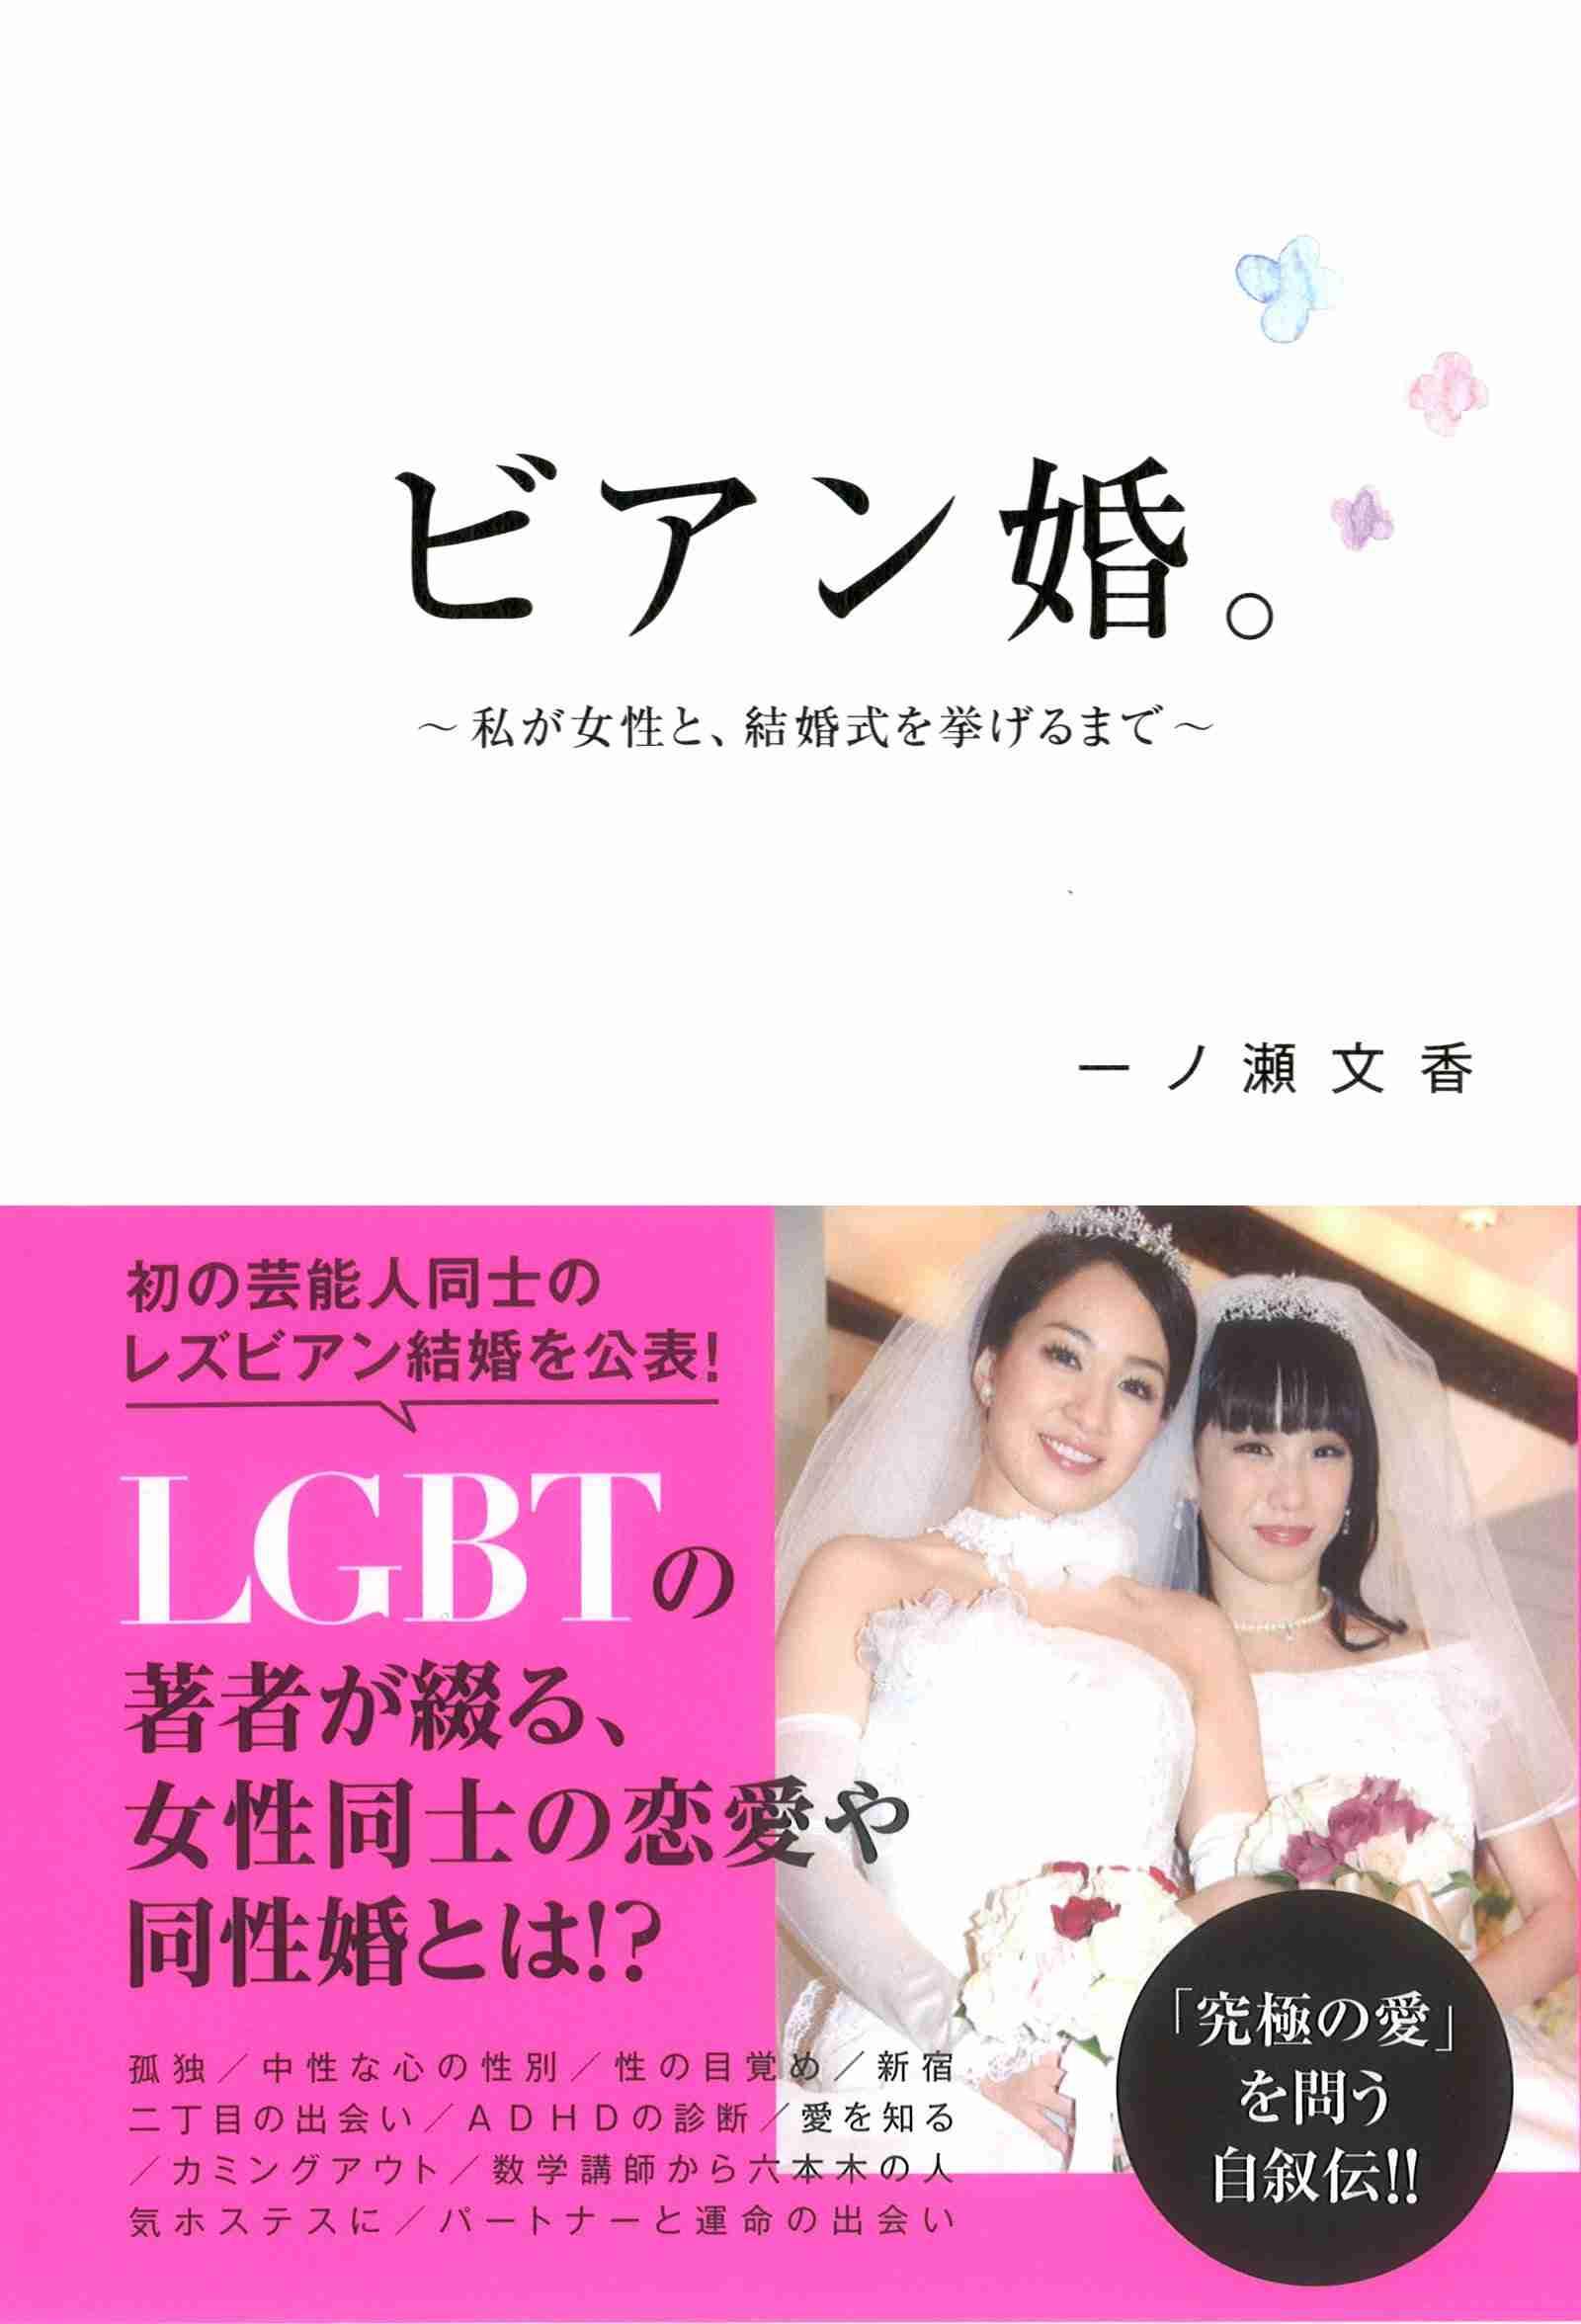 一ノ瀬文香と杉森茜「同性婚」破局、亀裂の決定打は